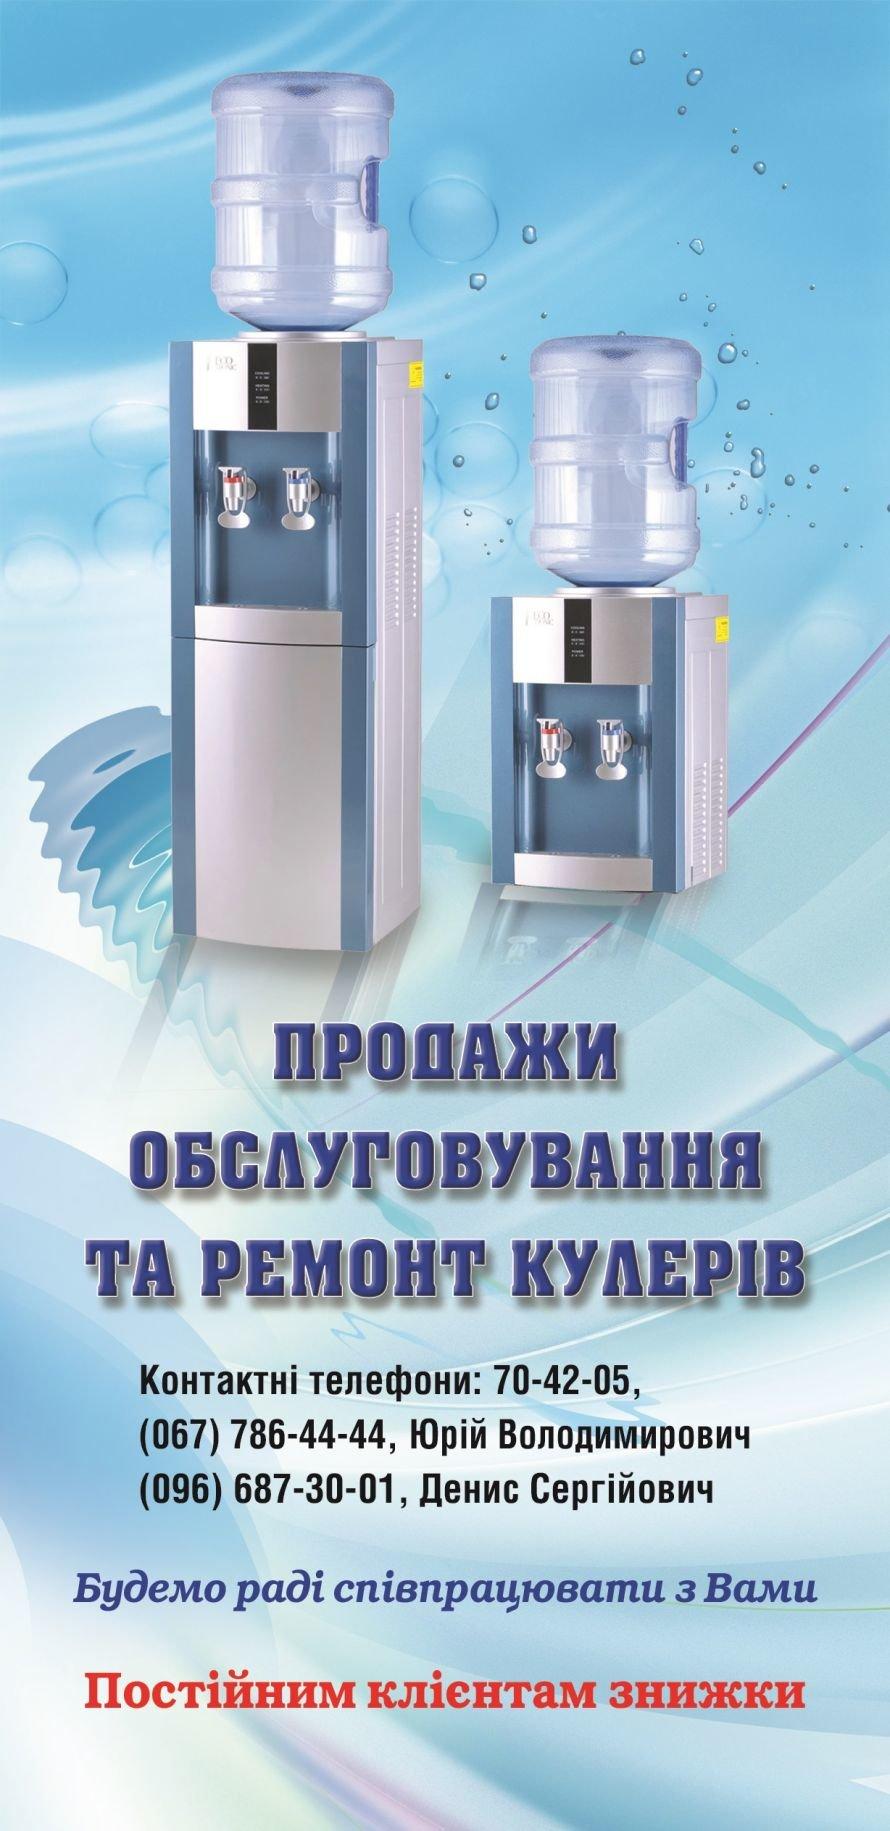 Флае_вода_печать_ОБОРОТ